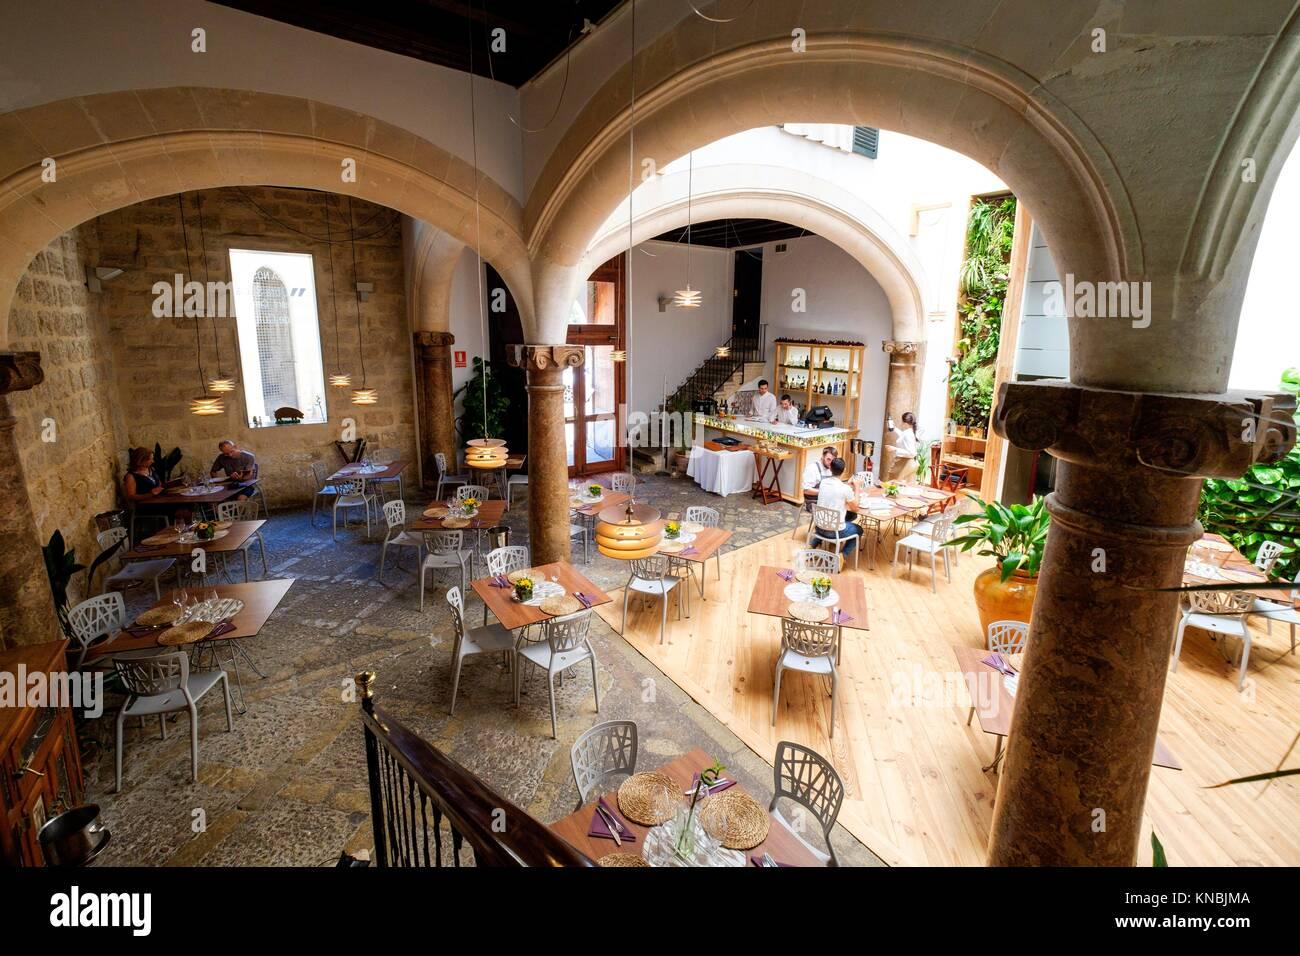 Mallorca palma cafe restaurant stock photos mallorca for Sa nostra oficinas palma